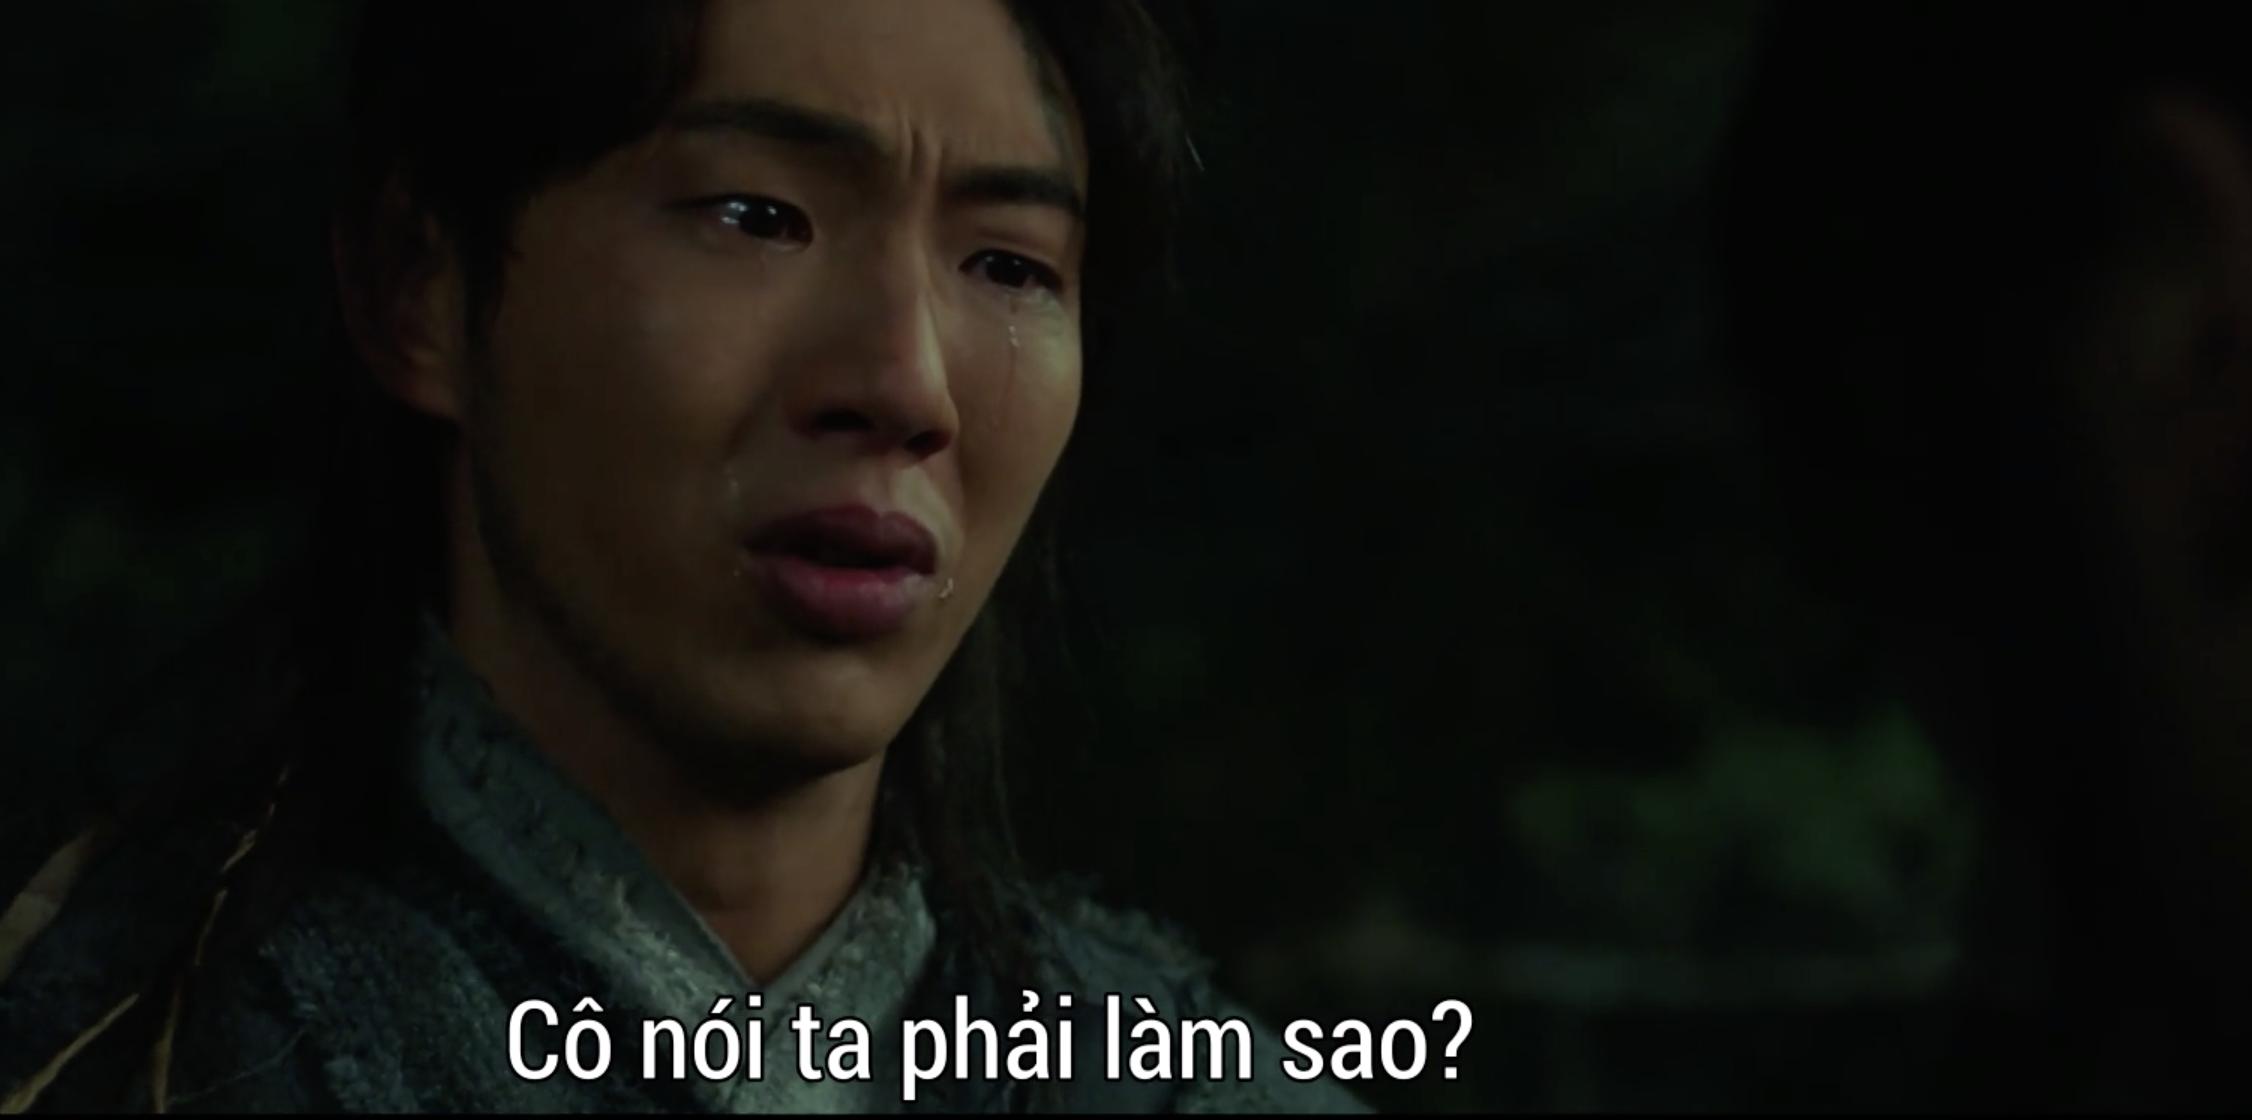 Vừa mới dẫn Kim So Hyun về ra mắt, Ji Soo phát hiện crush là kẻ gián tiếp giết cha ở Sông Đón Trăng Lên? - Ảnh 10.